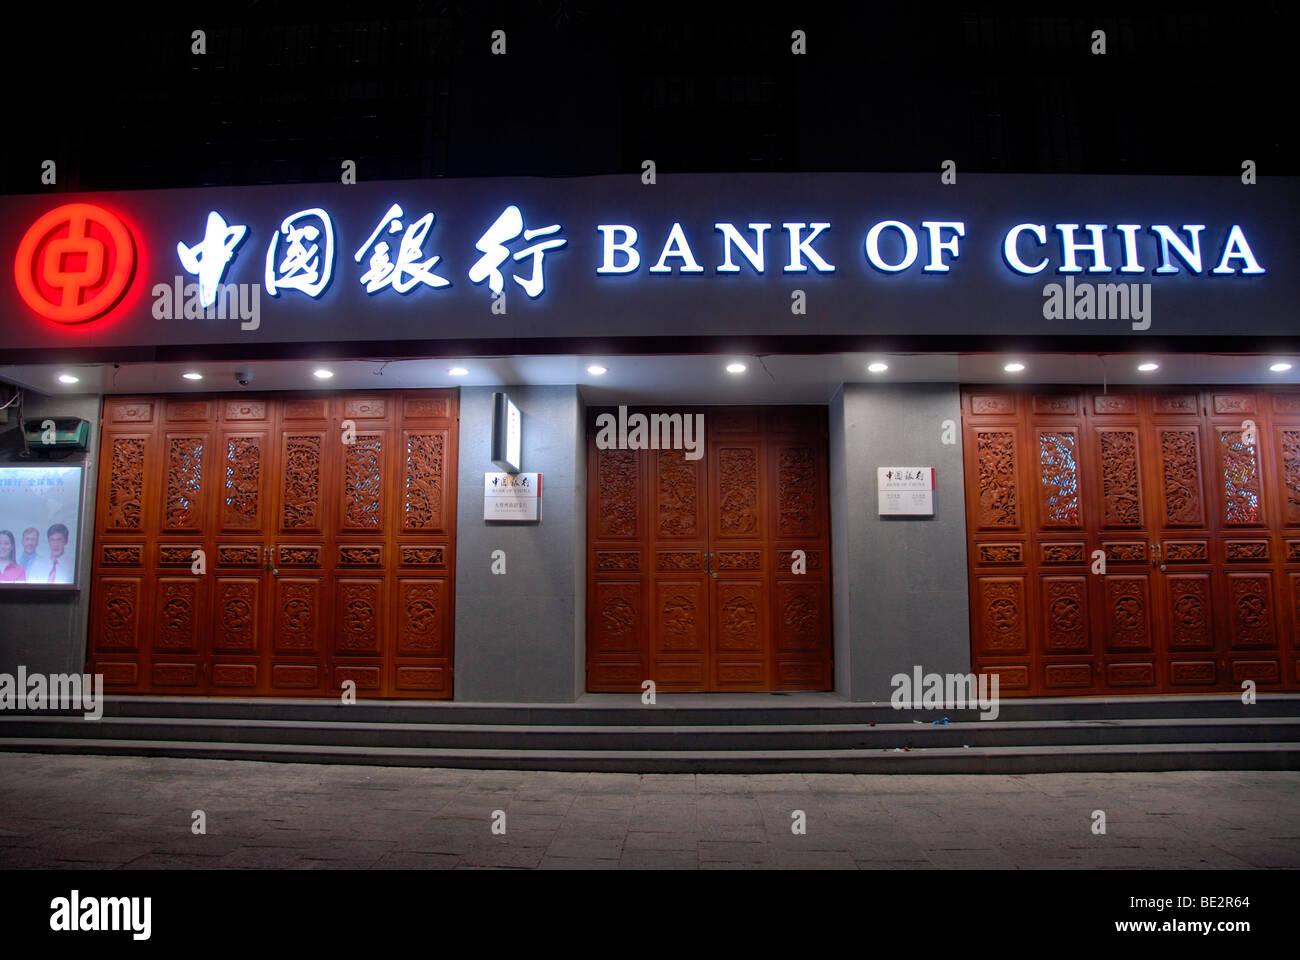 Closed doors at night, Bank Of China, Dali, Yunnan Province, People's Republic of China, Asia - Stock Image